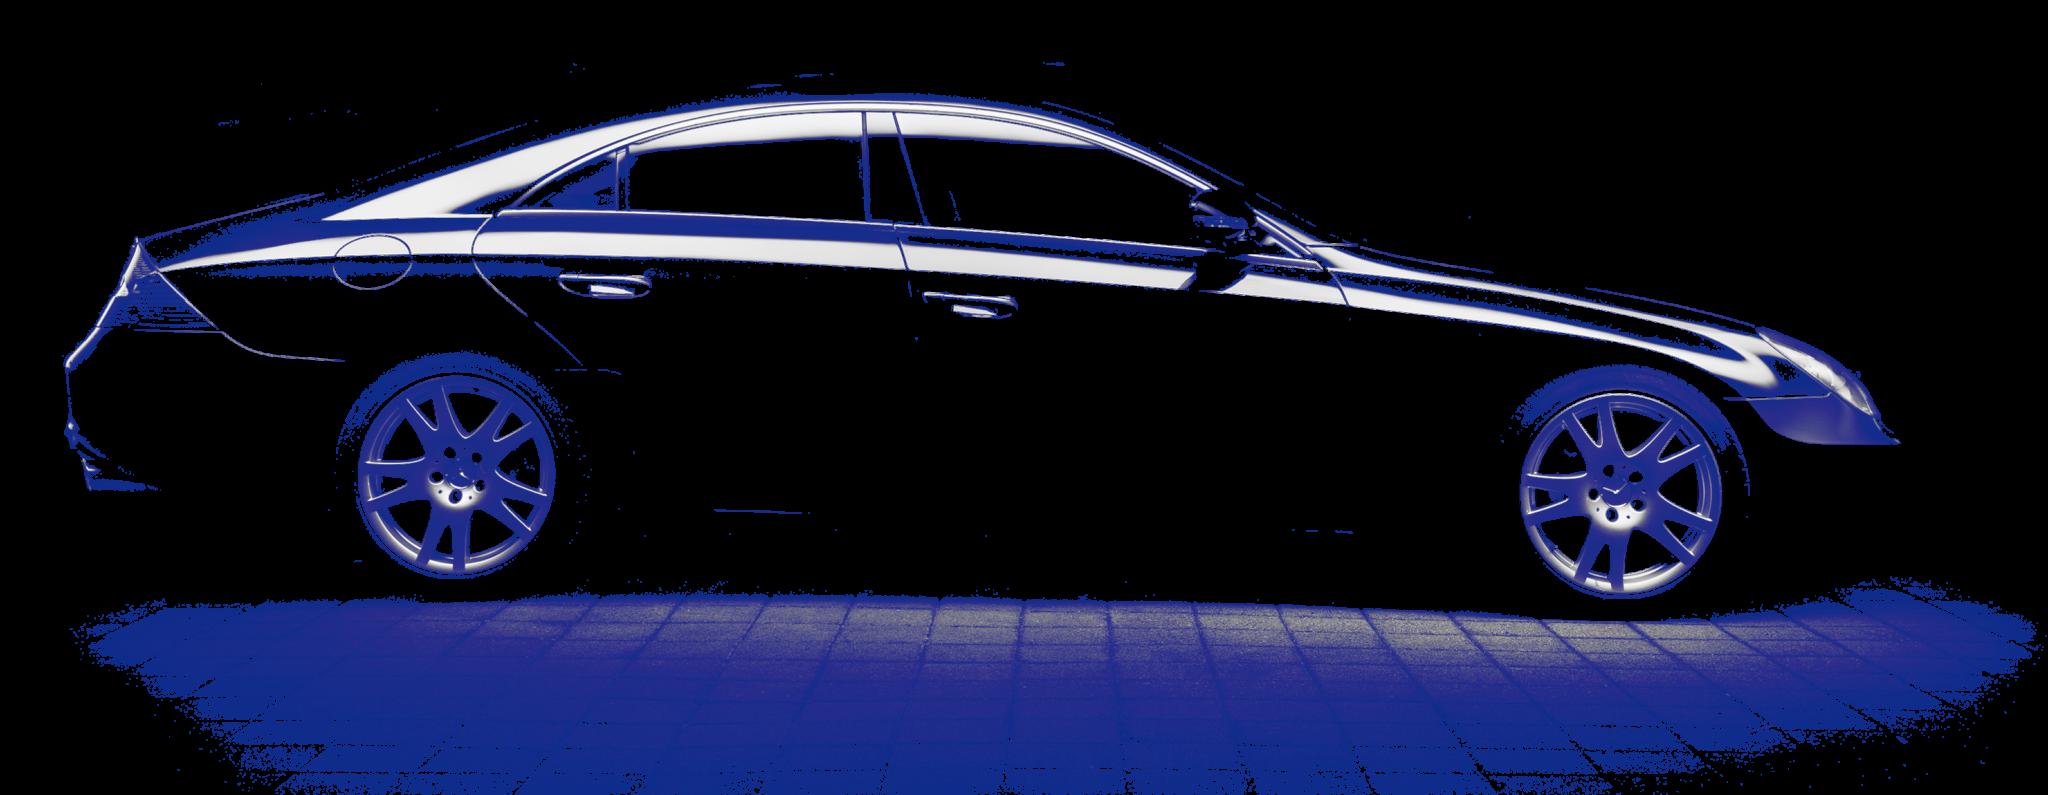 Car Bg2